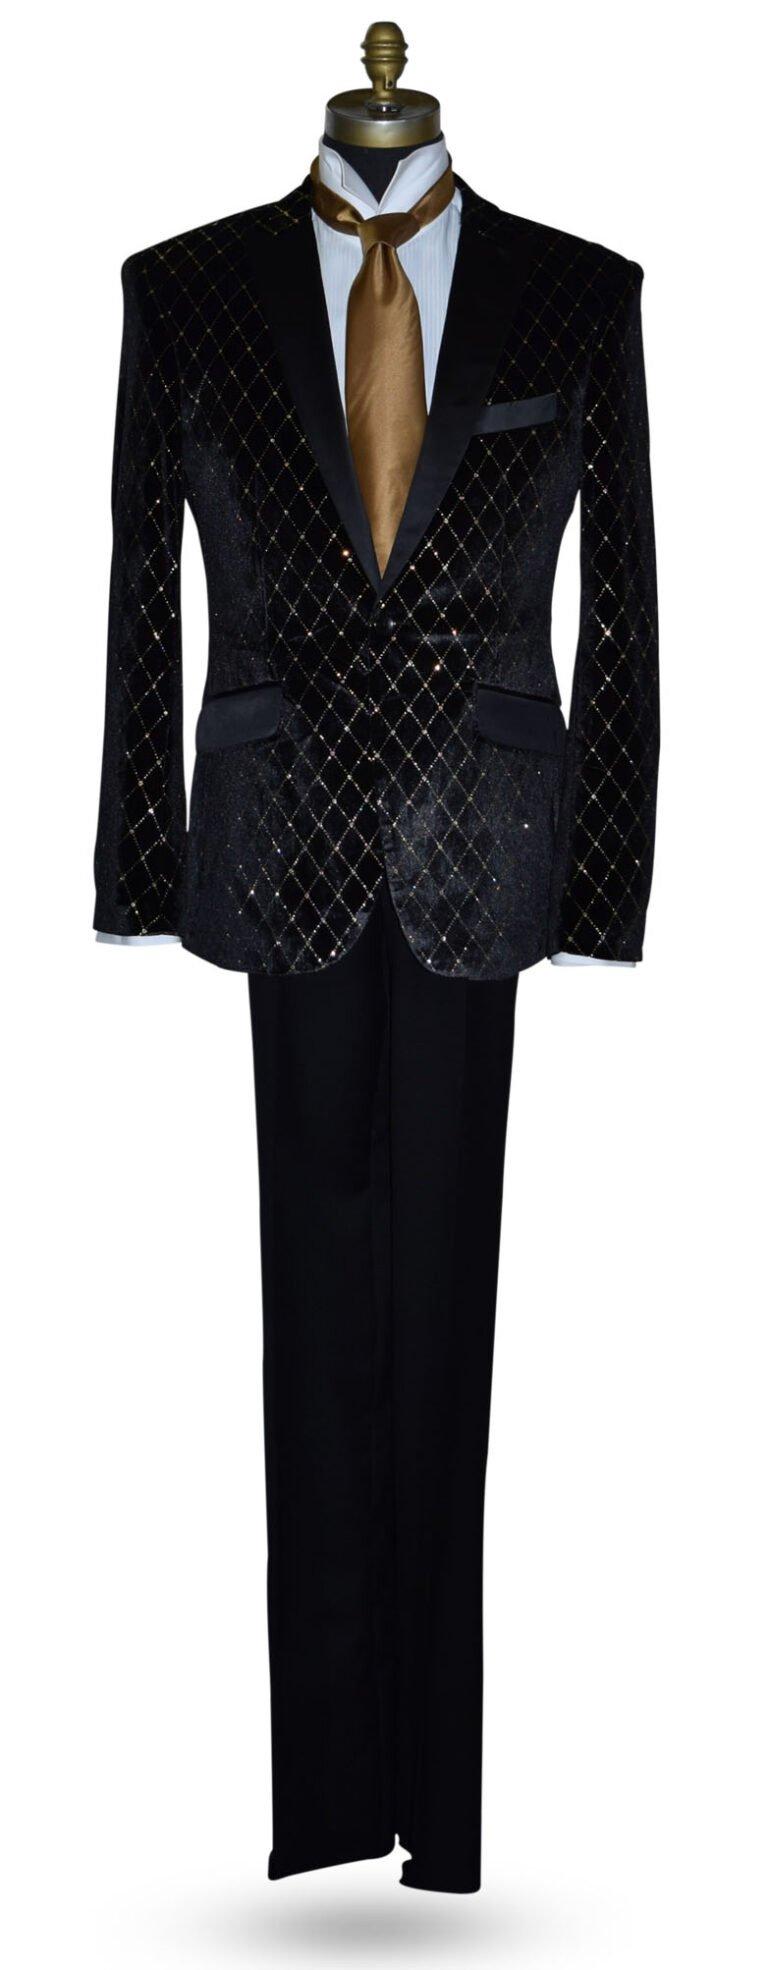 Black Velvet Tuxedo with Gold Diamond Print